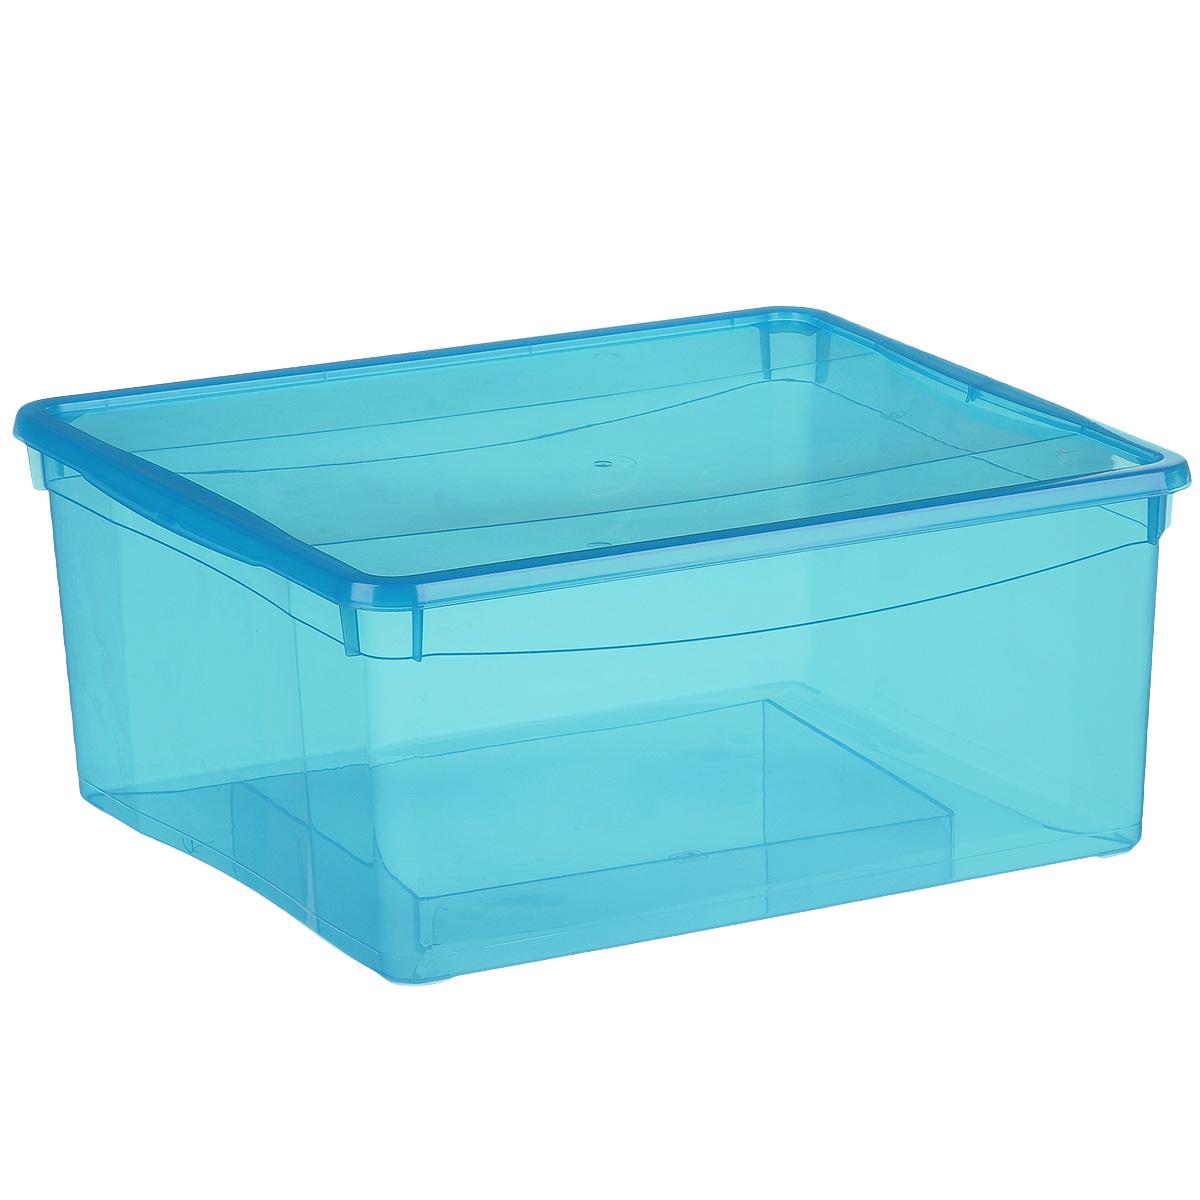 Ящик универсальный Econova Колор стайл с крышкой, цвет: голубой 18 лС12497Универсальный ящик Econova Колор стайл выполнен из полипропилена и предназначен для хранения различных предметов и аксессуаров. Ящик оснащен удобной крышкой.Очень функциональный и вместительный, такой ящик будет очень полезен для хранения вещей или продуктов, он защитит их от пыли и грязи.